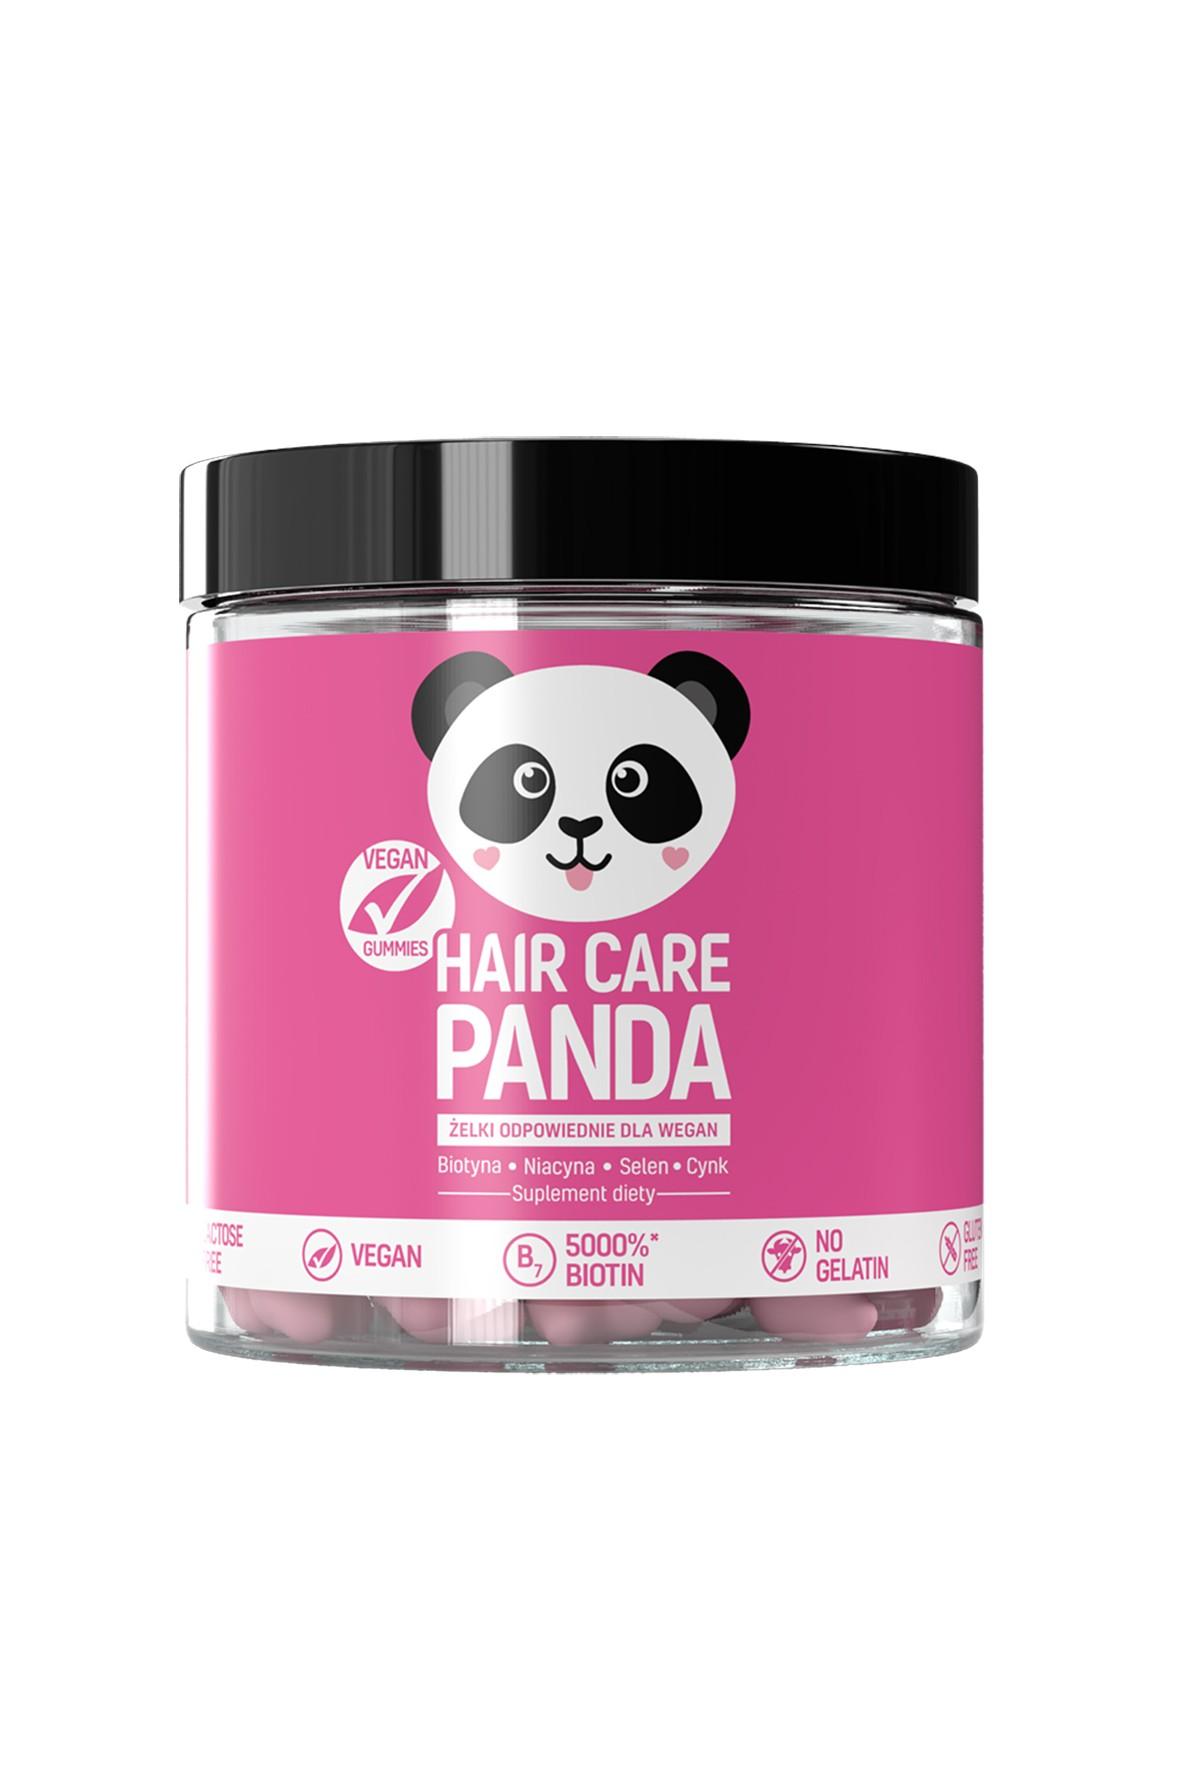 Witaminy na włosy Hair Care Panda Vegan Gummies 300g 60szt